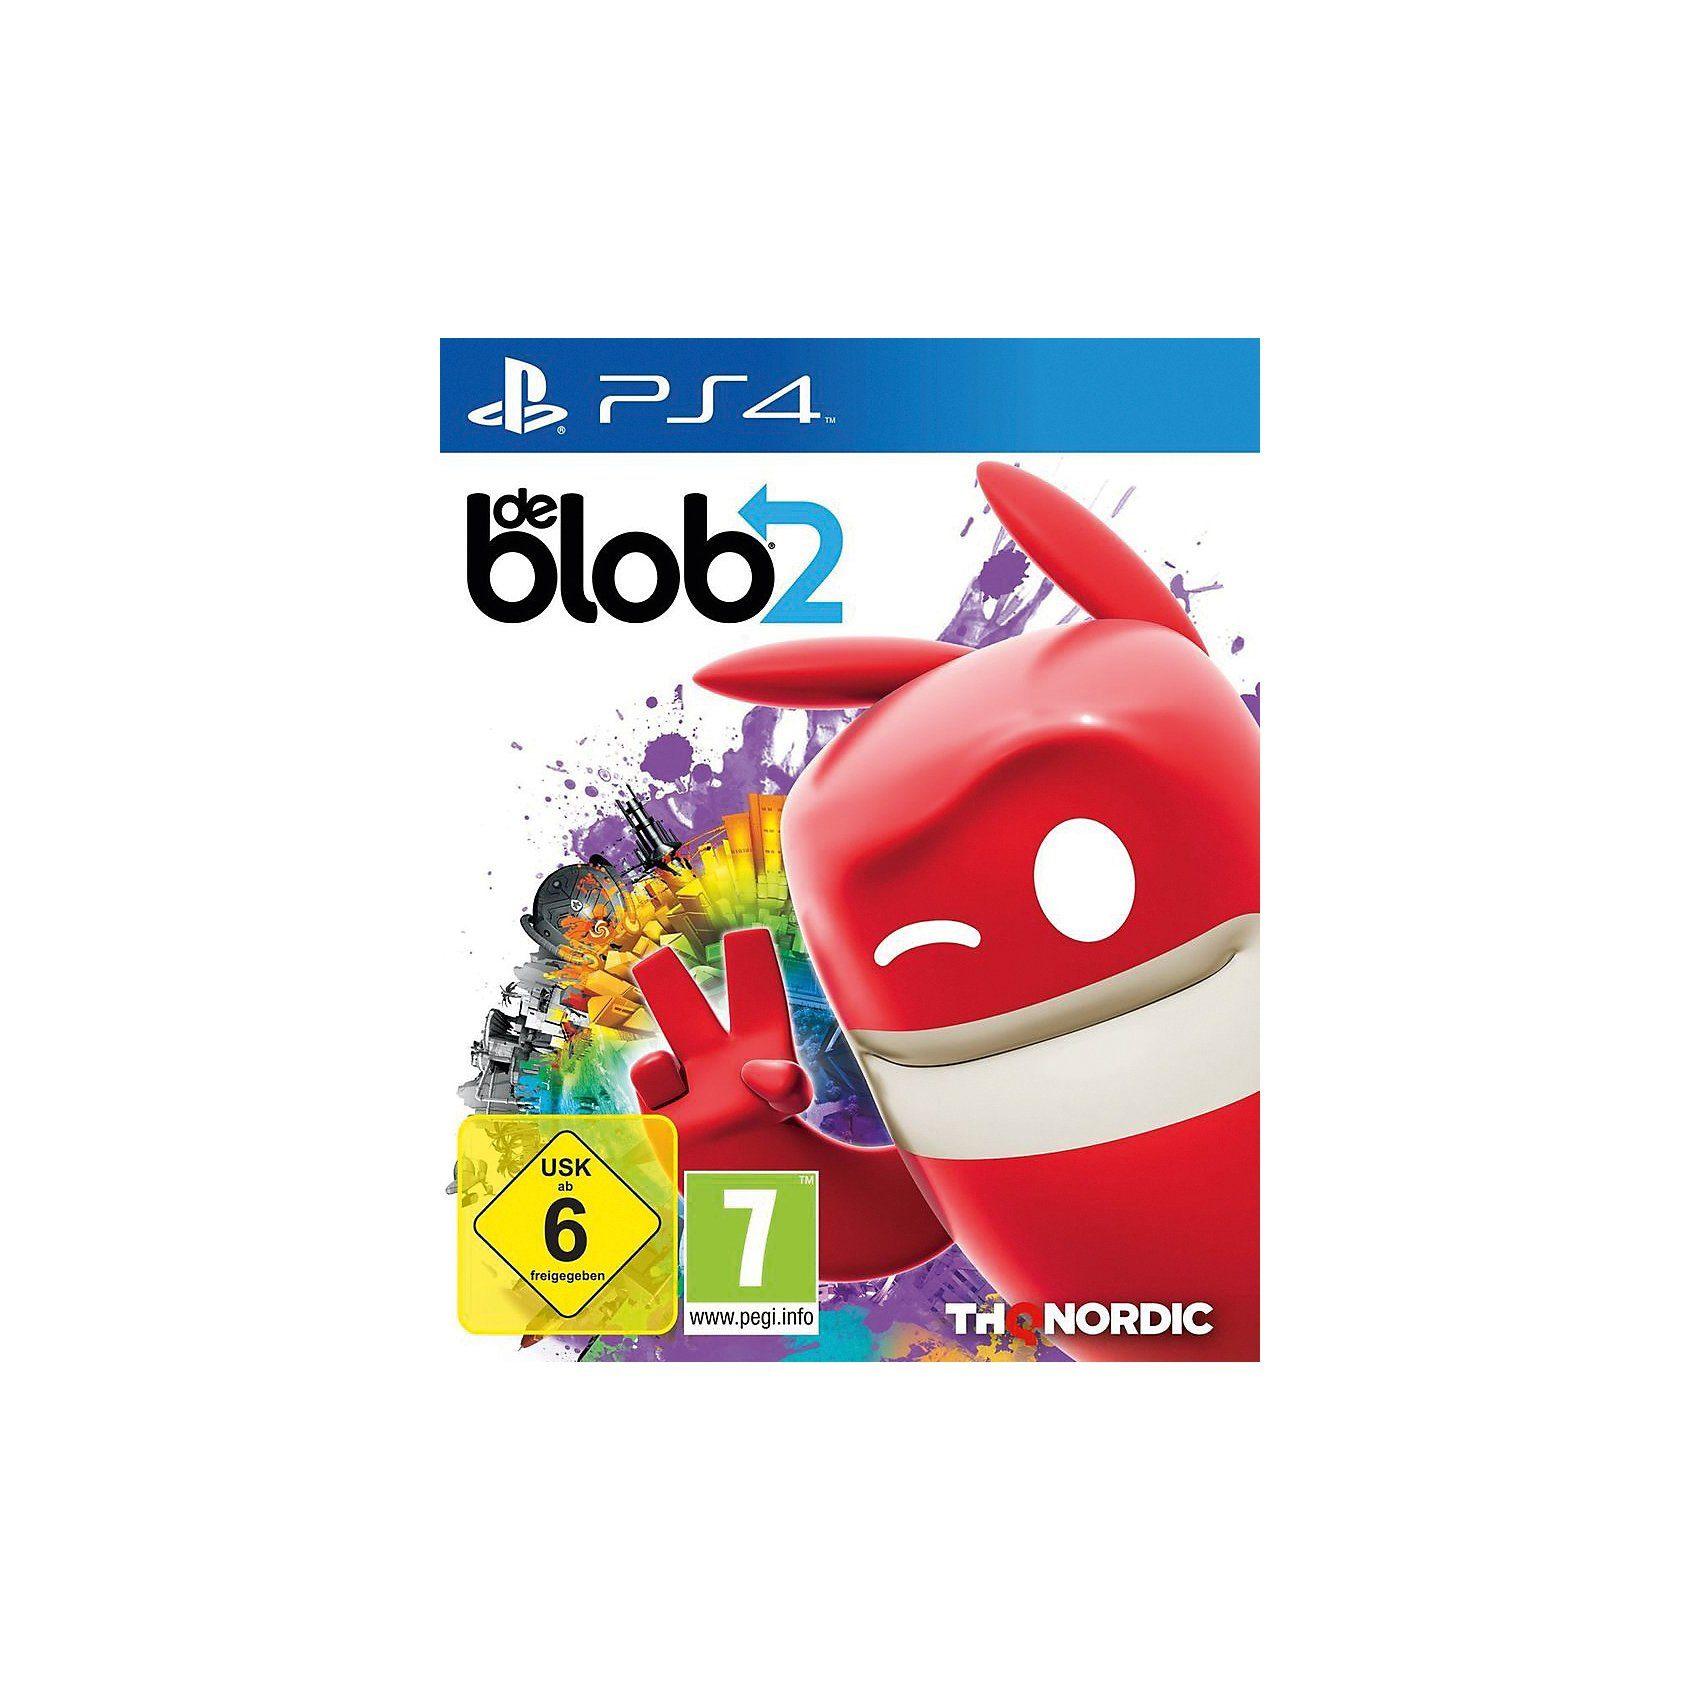 PS4 de Blob 2